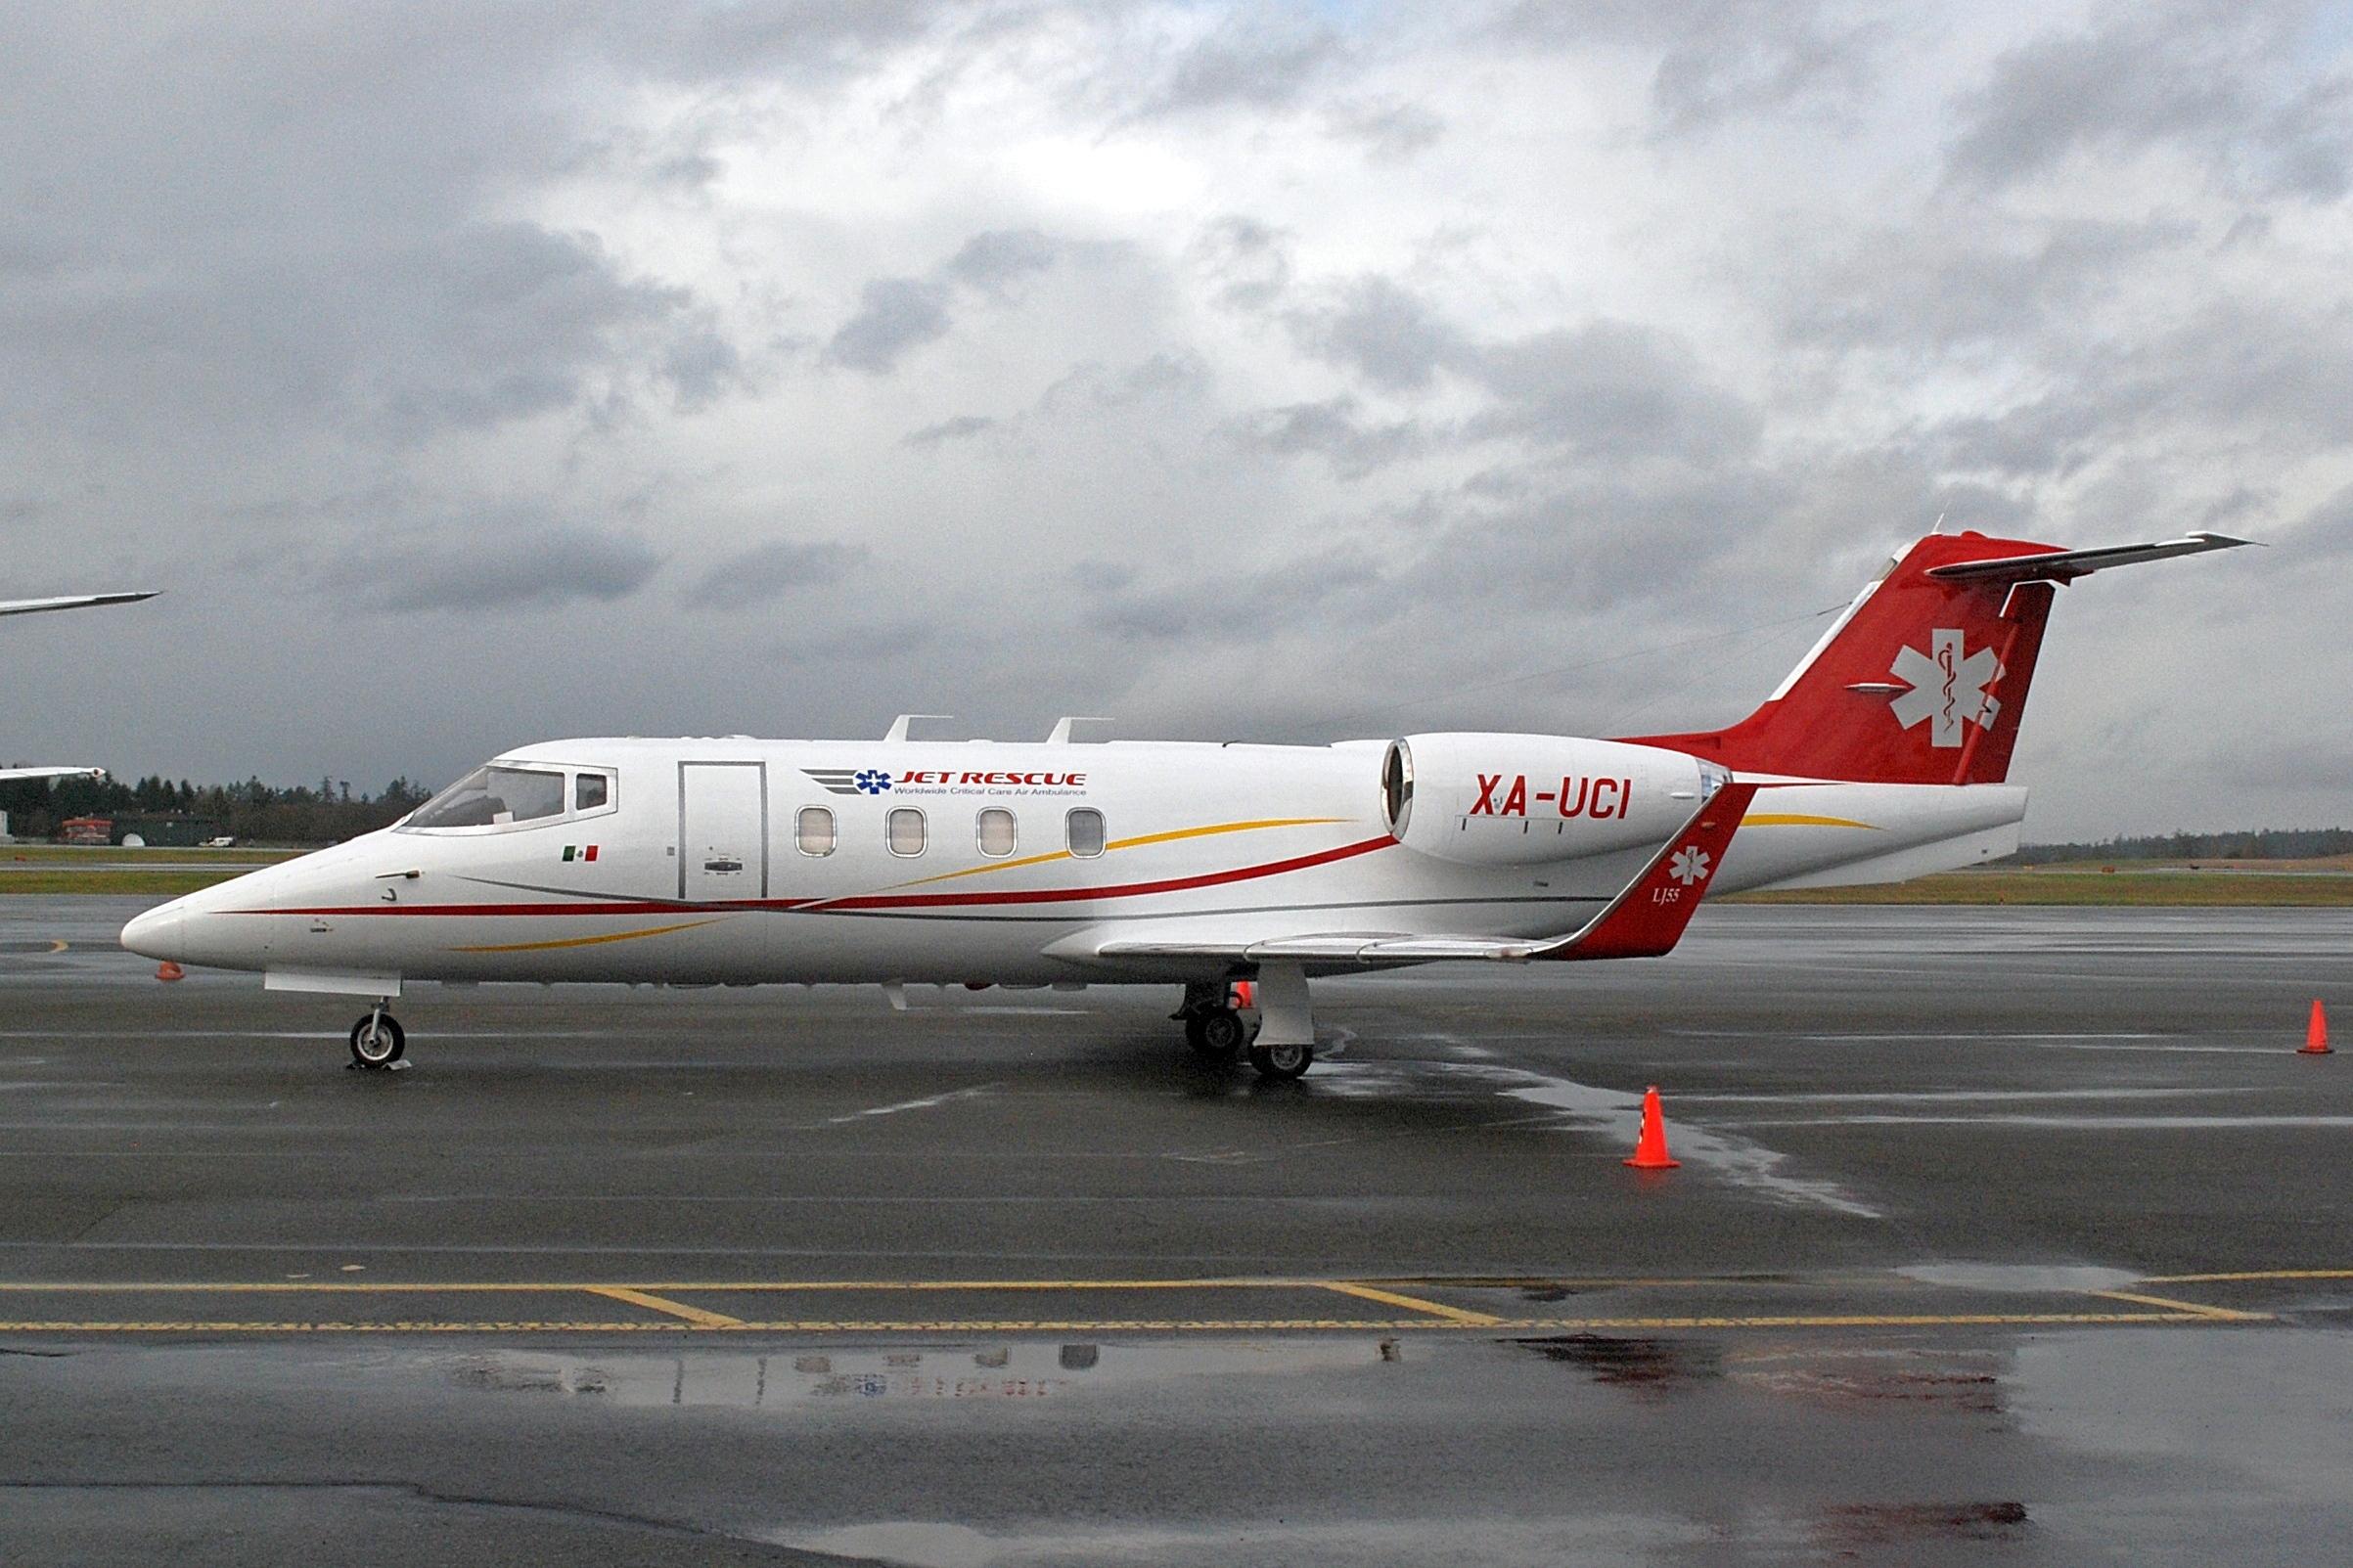 Chile Air Ambulance